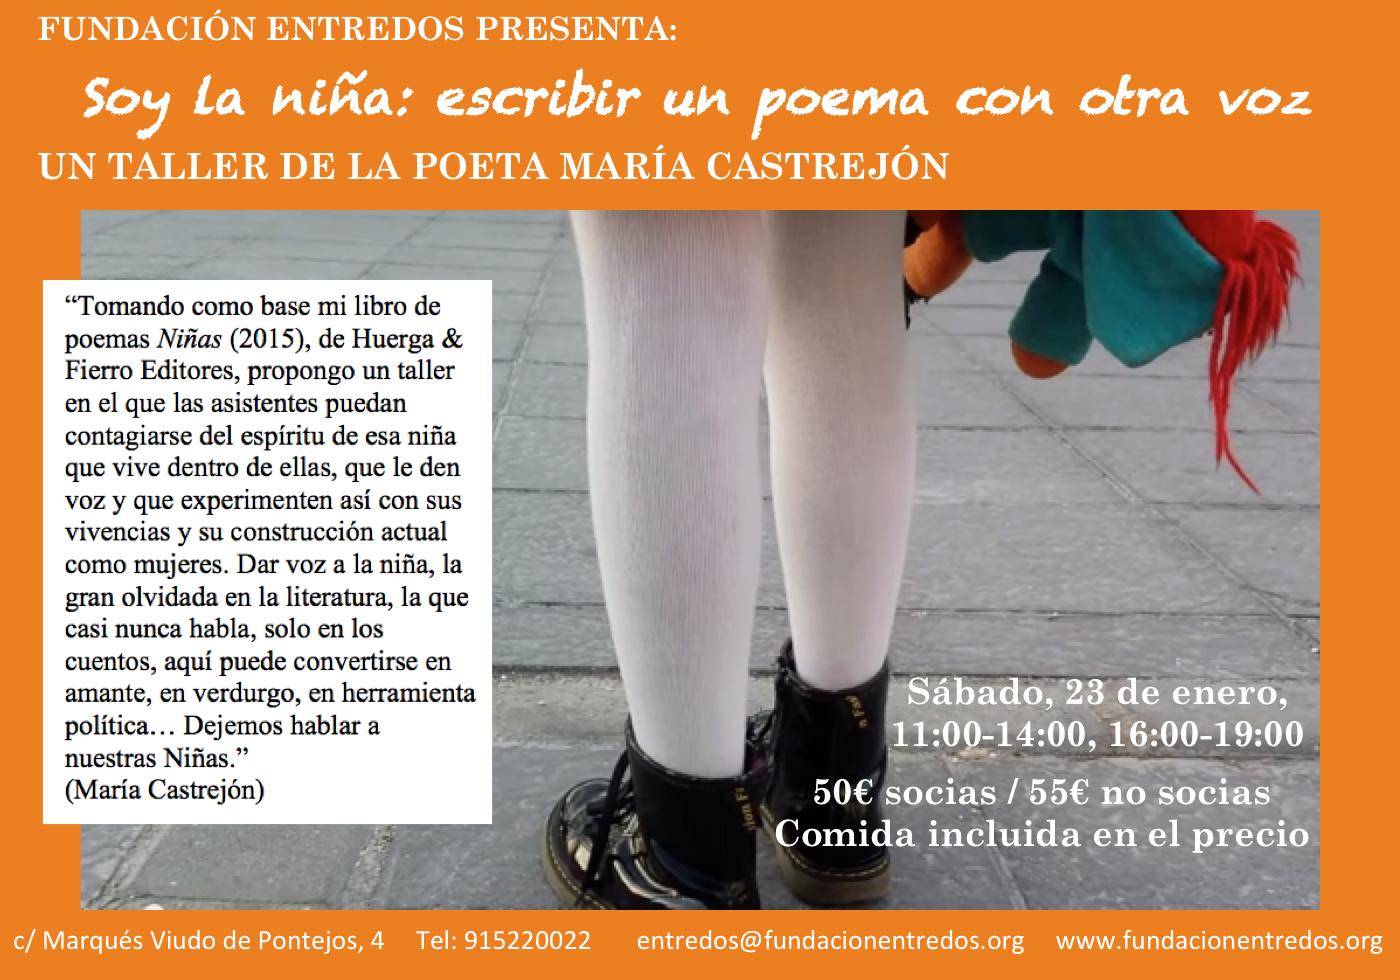 Soy la niña: escribir un poema con otra voz | Fundación Entredós